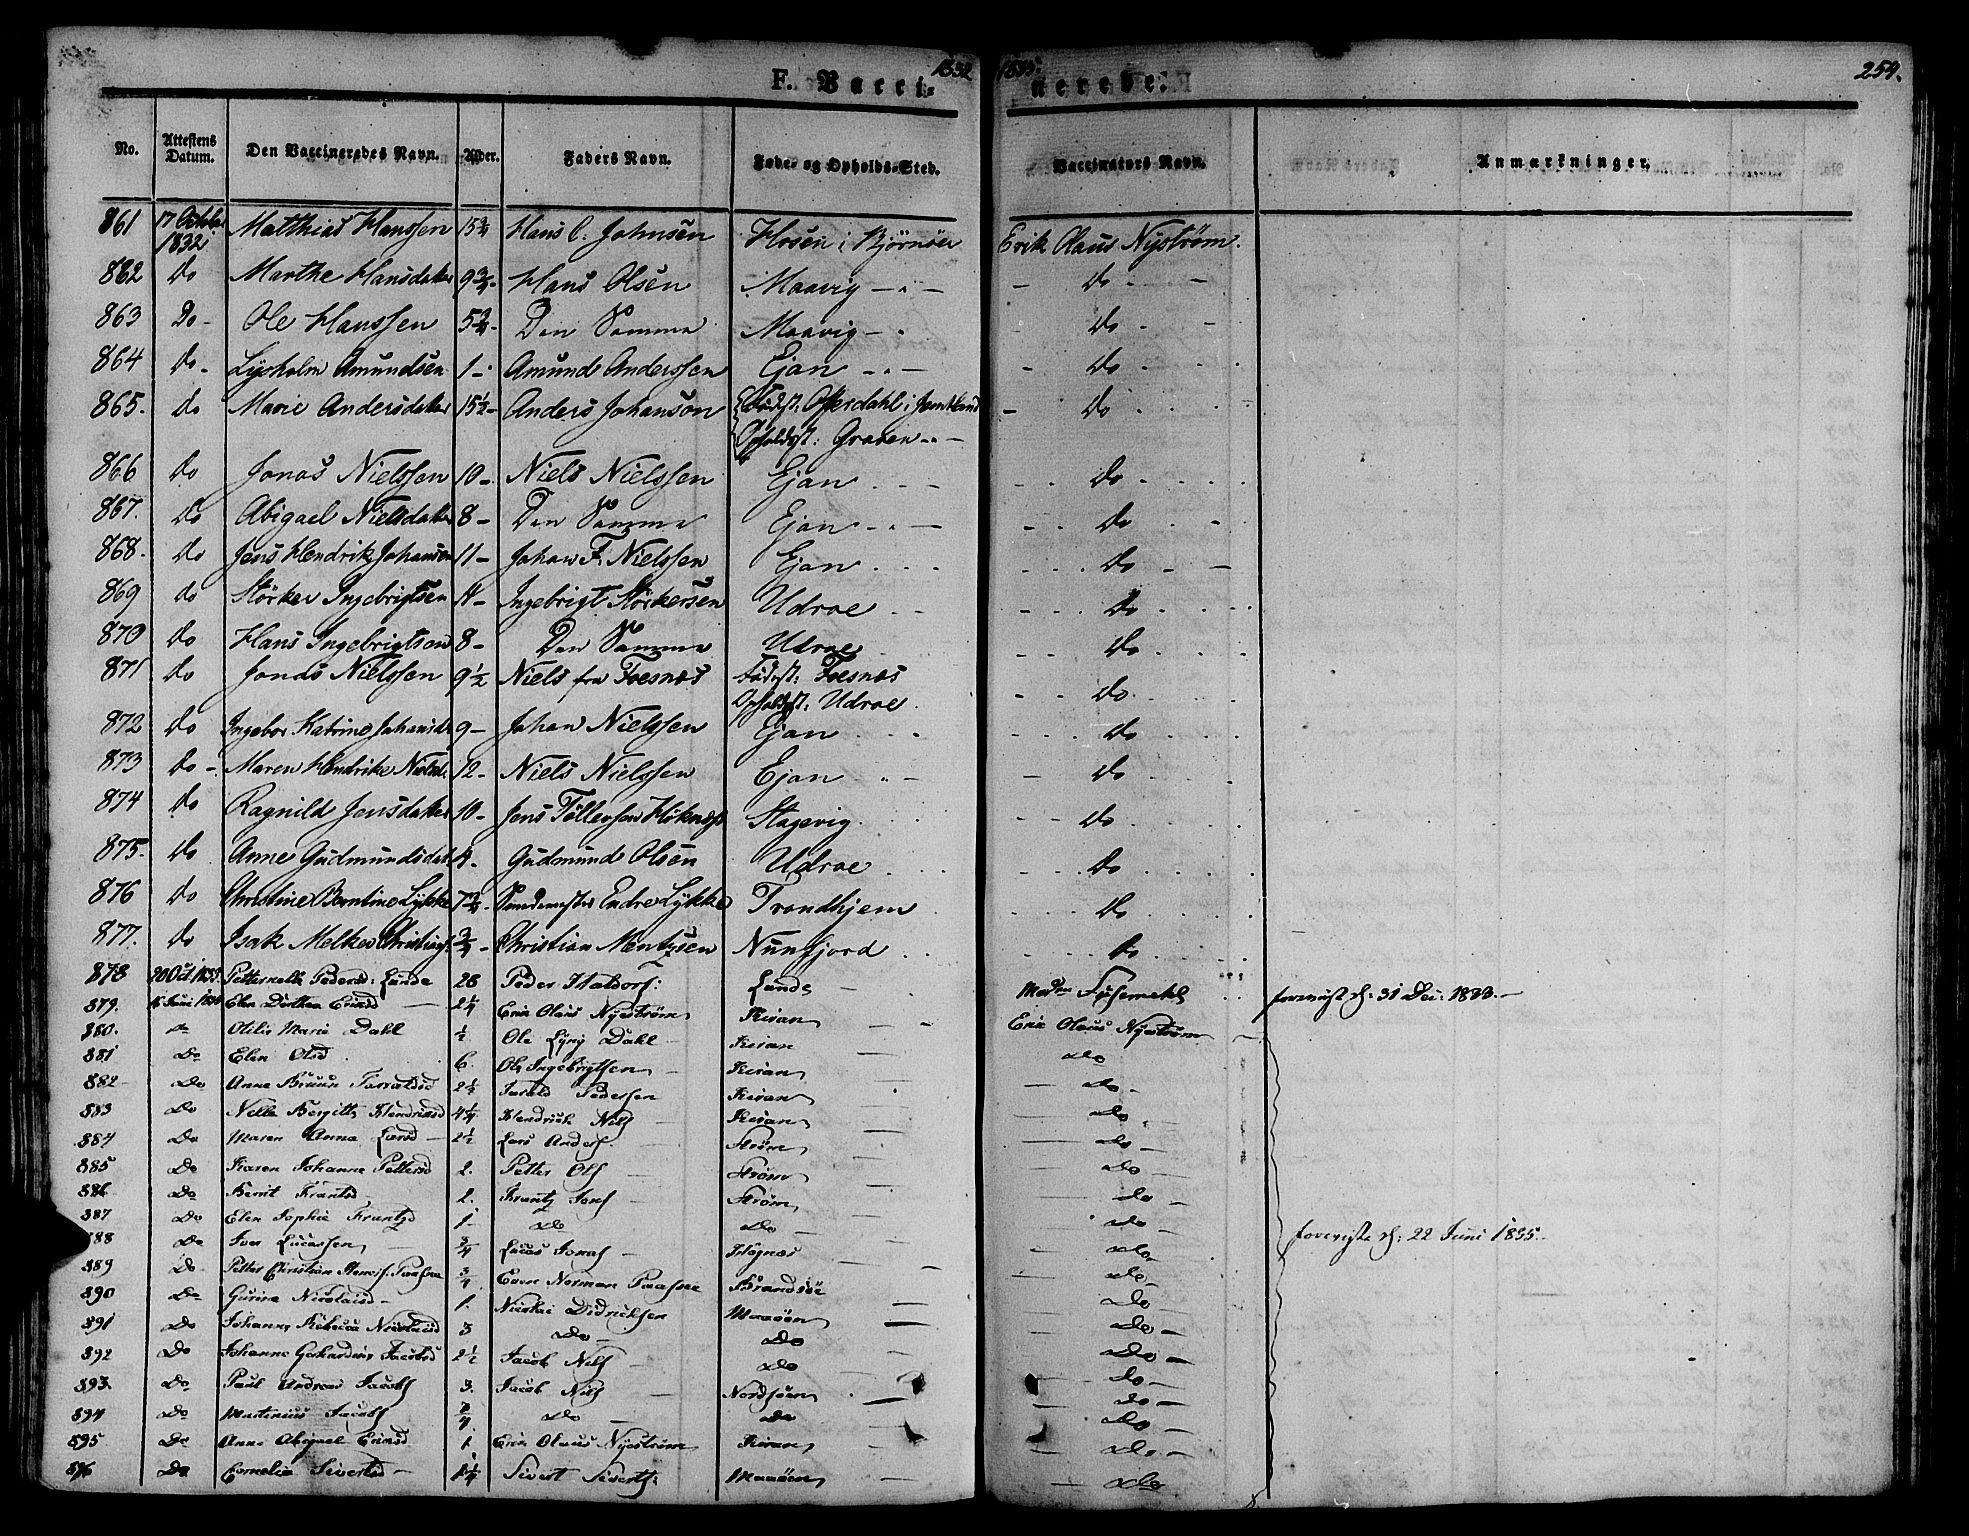 SAT, Ministerialprotokoller, klokkerbøker og fødselsregistre - Sør-Trøndelag, 657/L0703: Ministerialbok nr. 657A04, 1831-1846, s. 254